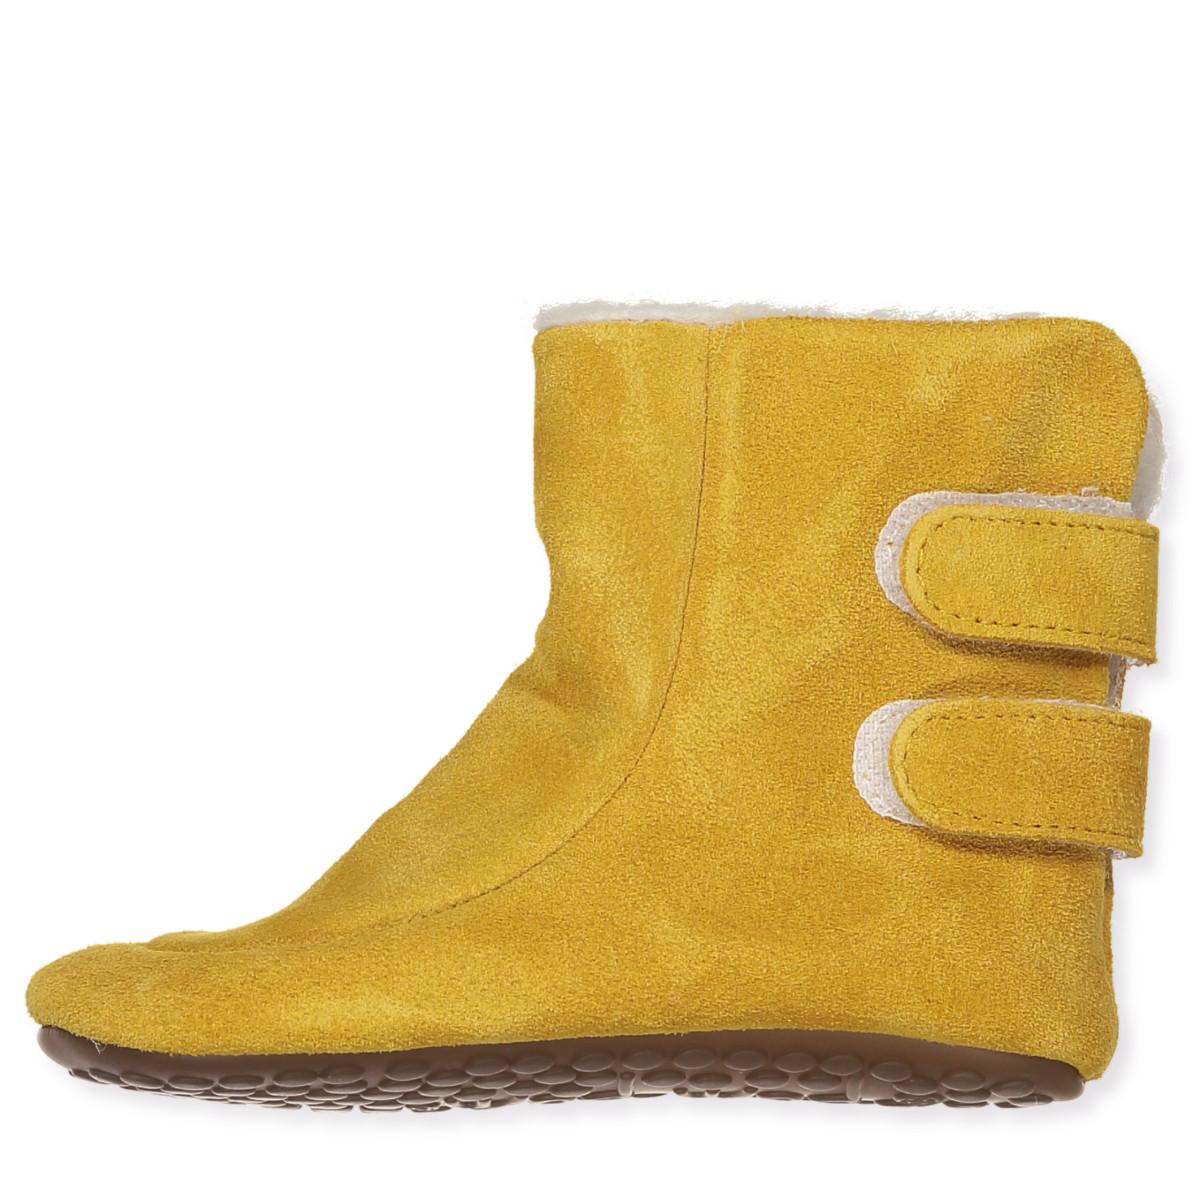 936304d43a5 Pom Pom - Mustard uld hjemmesko - Mustard Suede - Gul